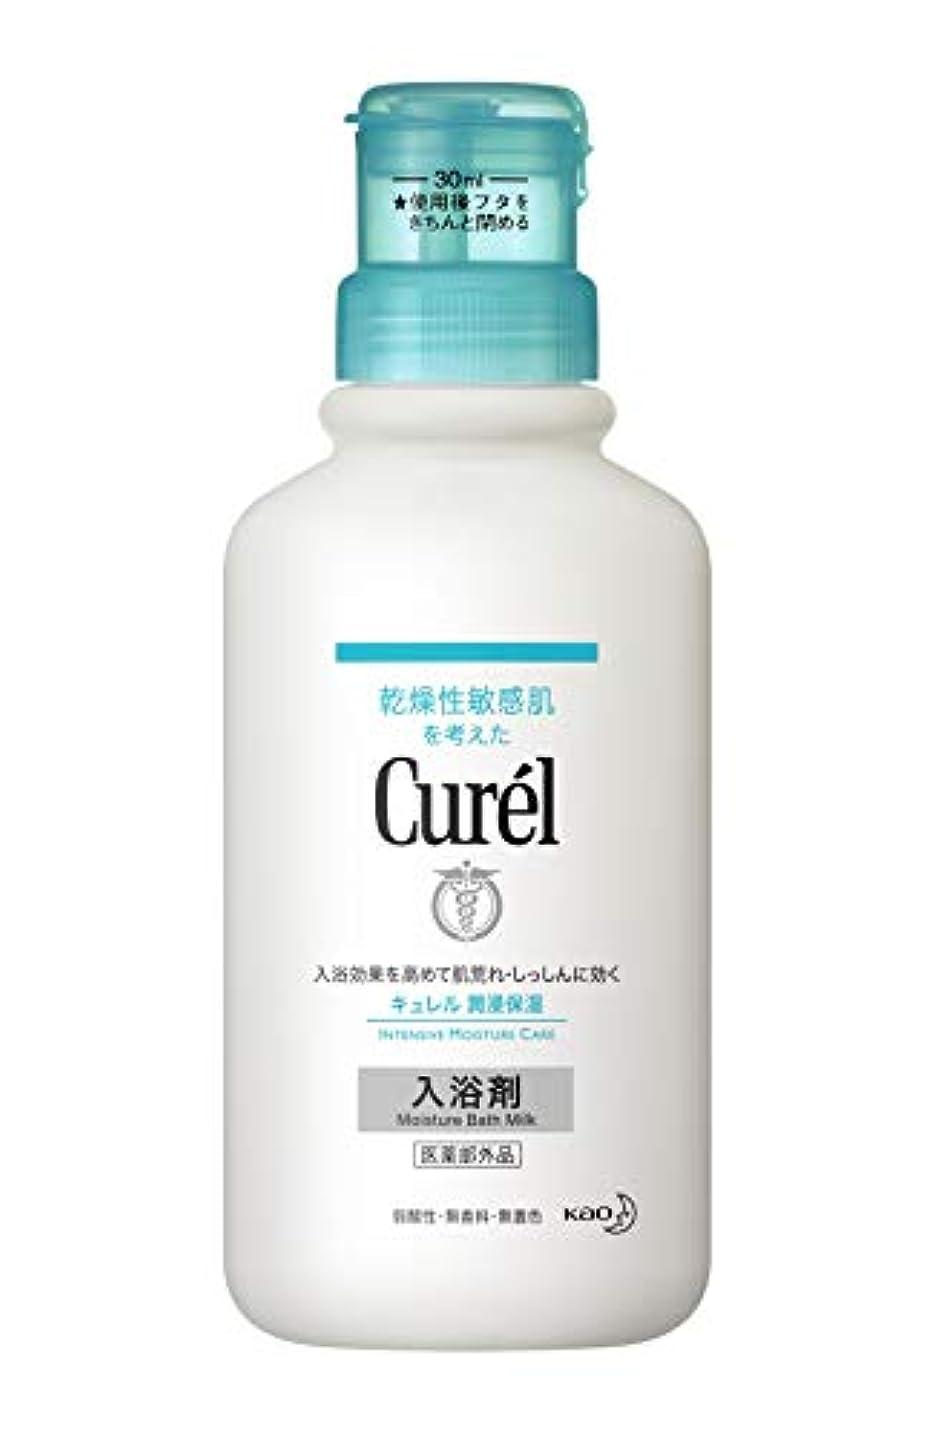 アジャ矛盾消費者キュレル 入浴剤 本体 420ml(赤ちゃんにも使えます)